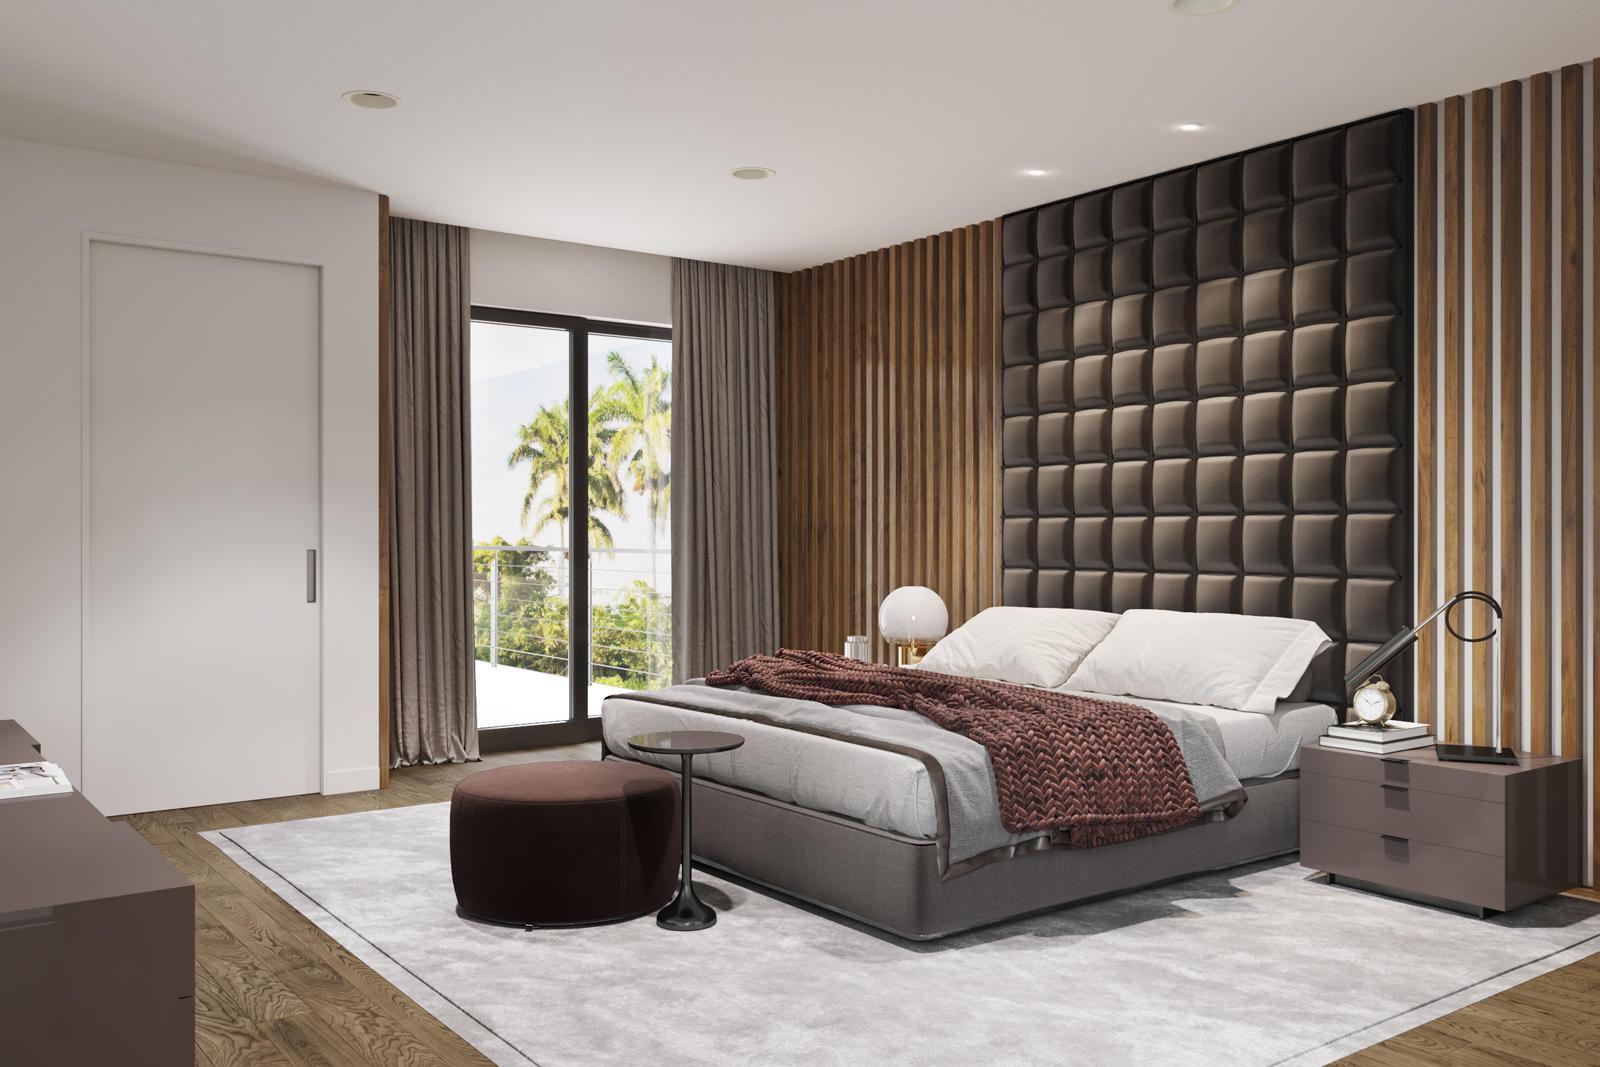 622_Westwood_-_master_bedroom_View_01